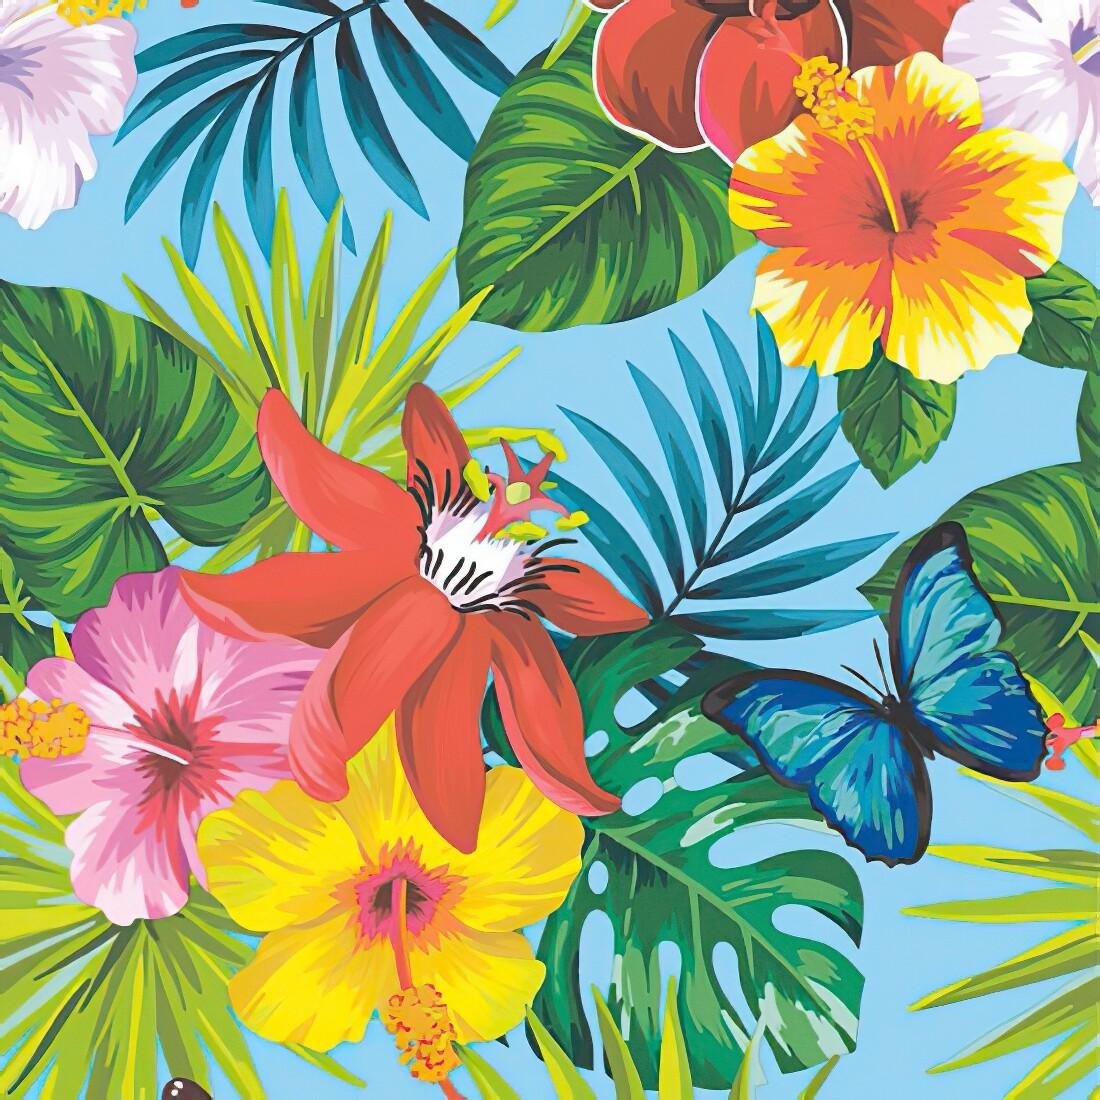 Decoupage Paper Napkins - Floral - Jungle Fever Teal Blue (1 Sheet)